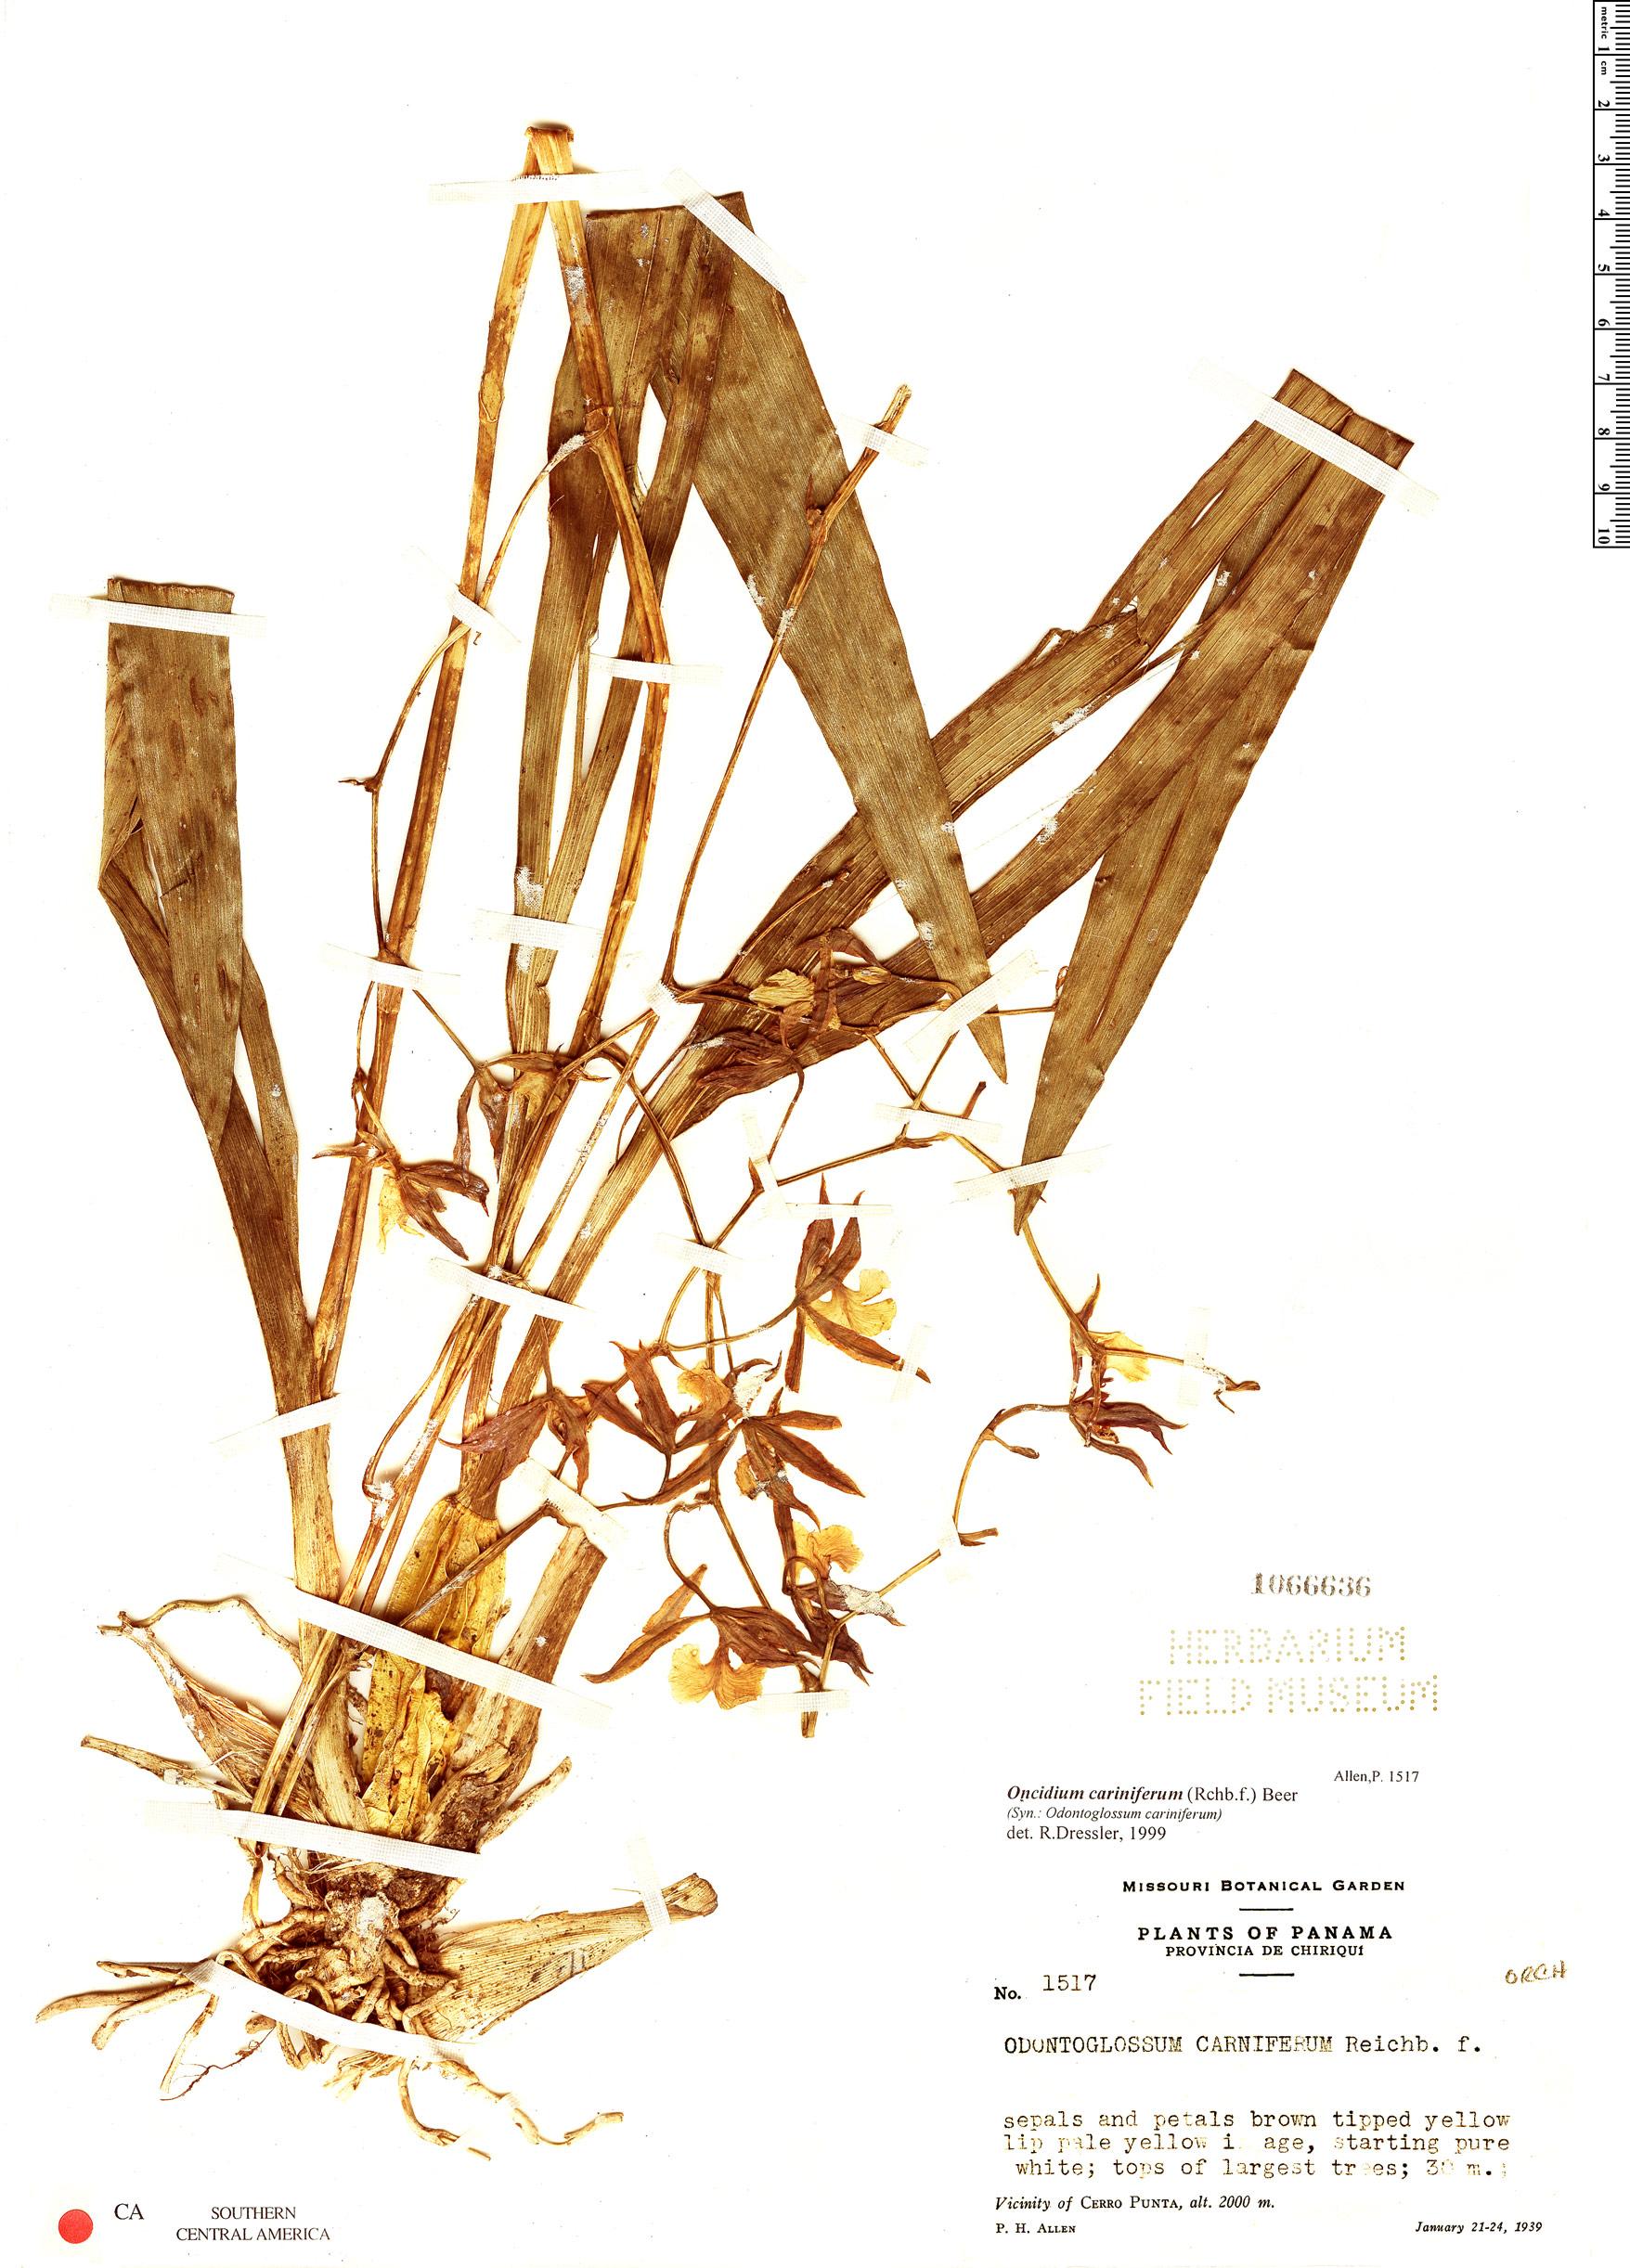 Specimen: Oncidium cariniferum